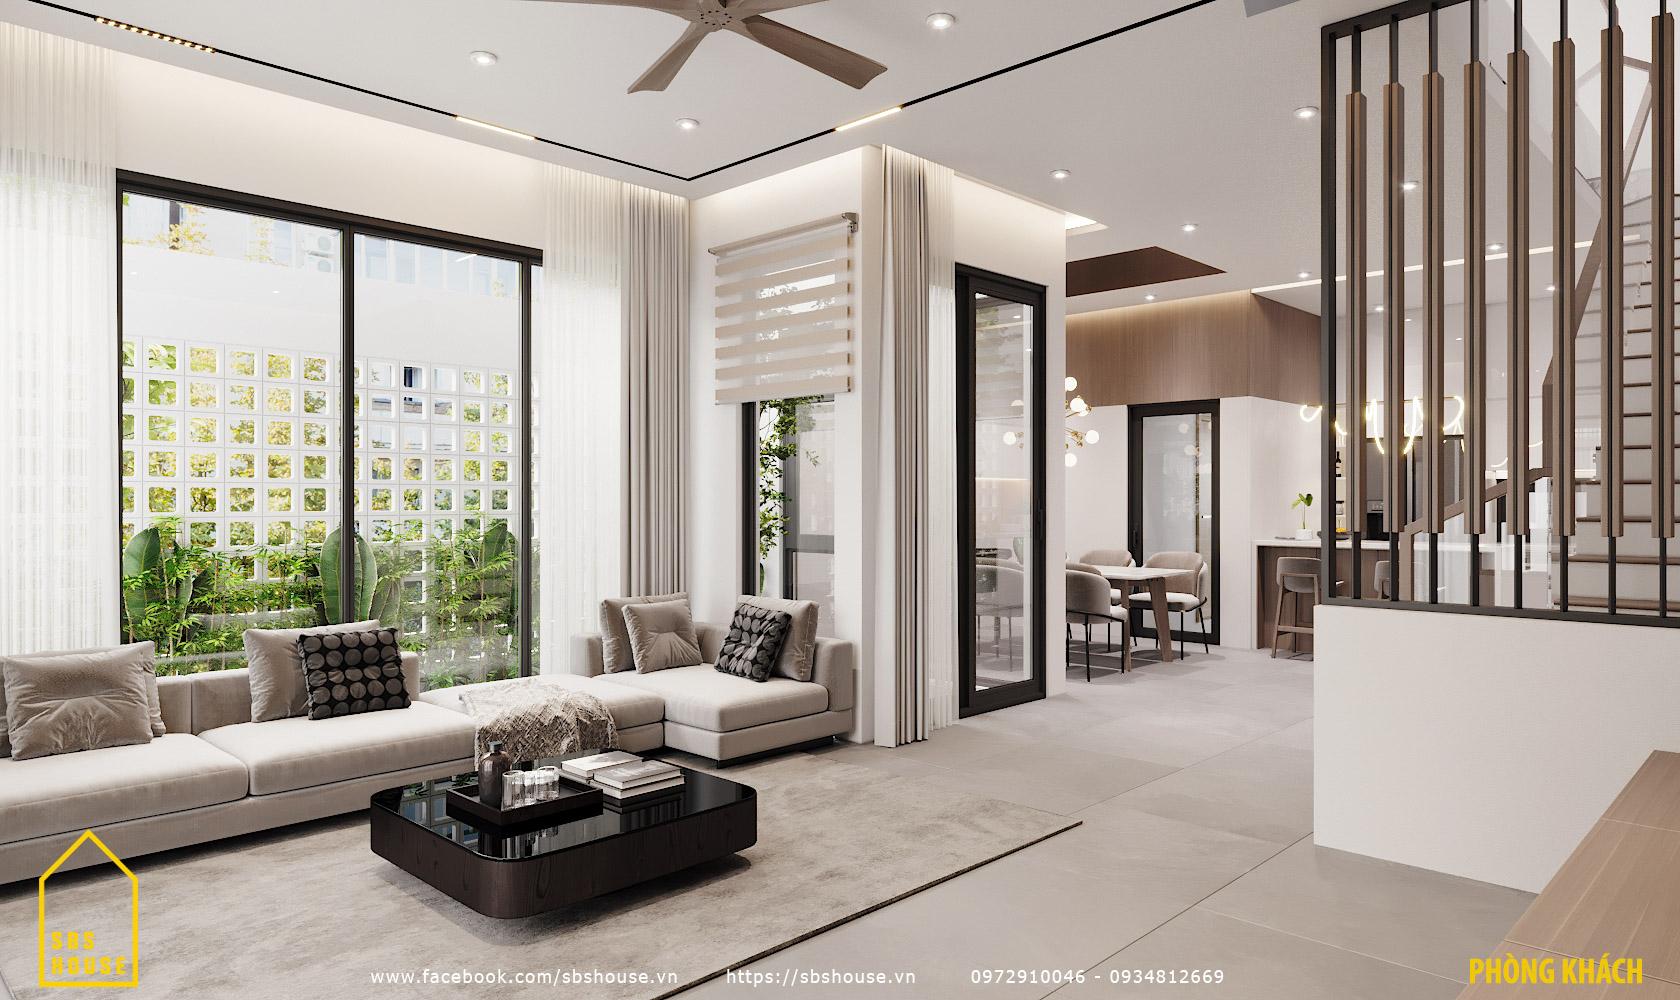 Mẫu phòng khách đẹp hiện đại rộng rãi